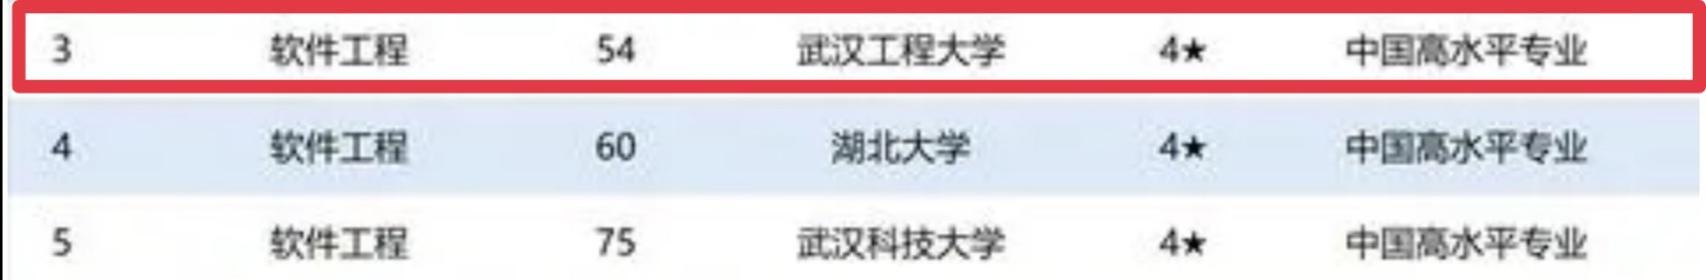 校友会中国一流专业榜出炉,湖北前十强中,它是唯一省属高校